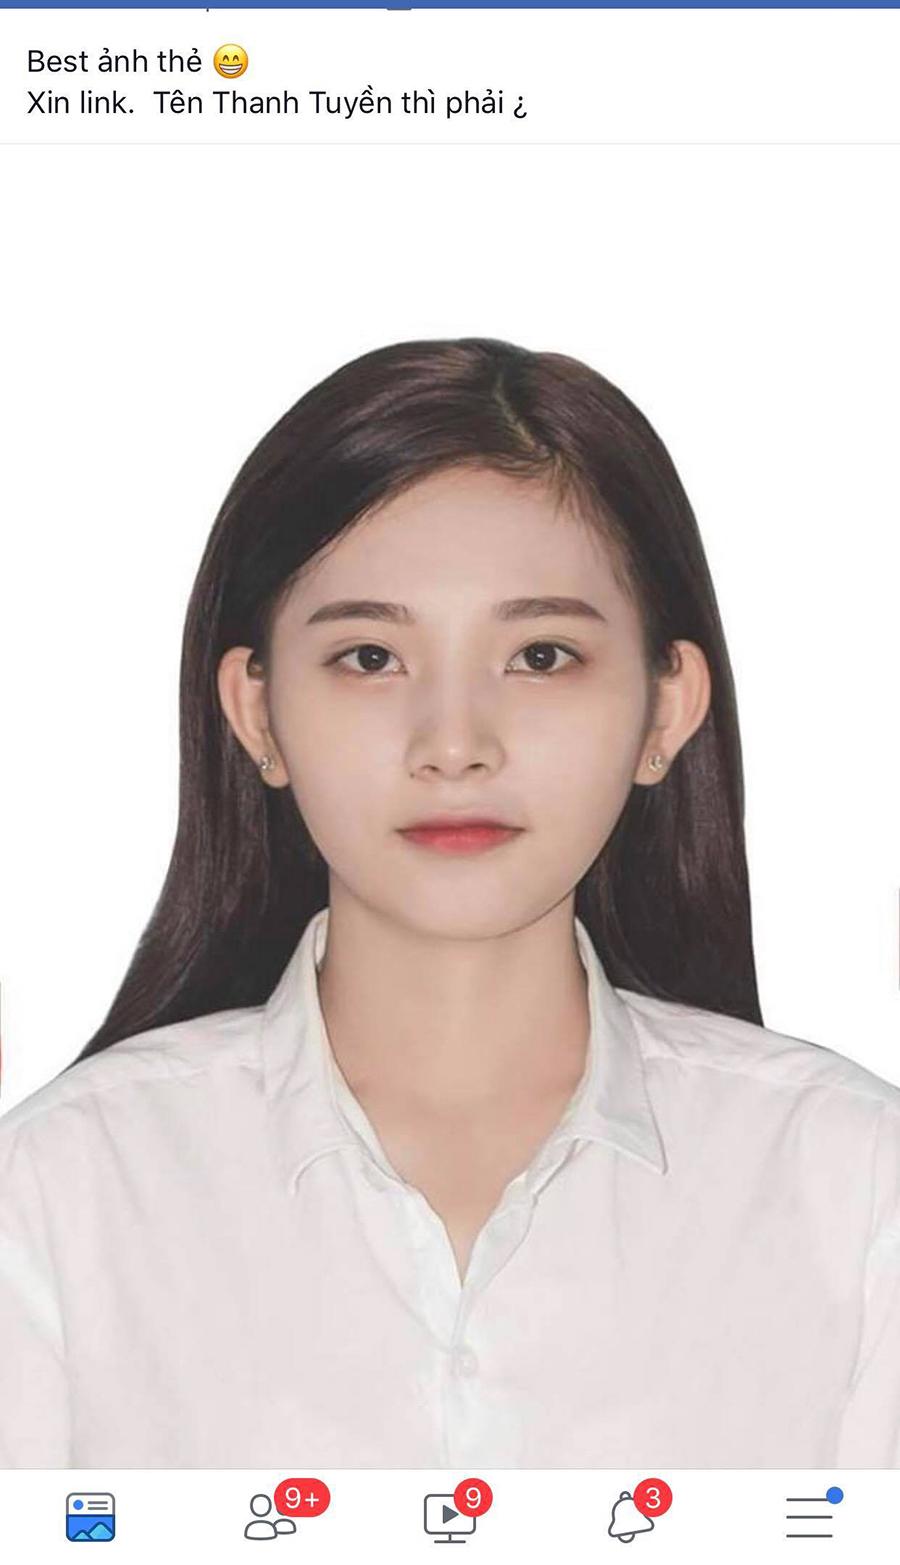 Khi bức ảnh thẻ vô tình được chia sẻ, Nguyễn Thị Minh Tuyền (năm